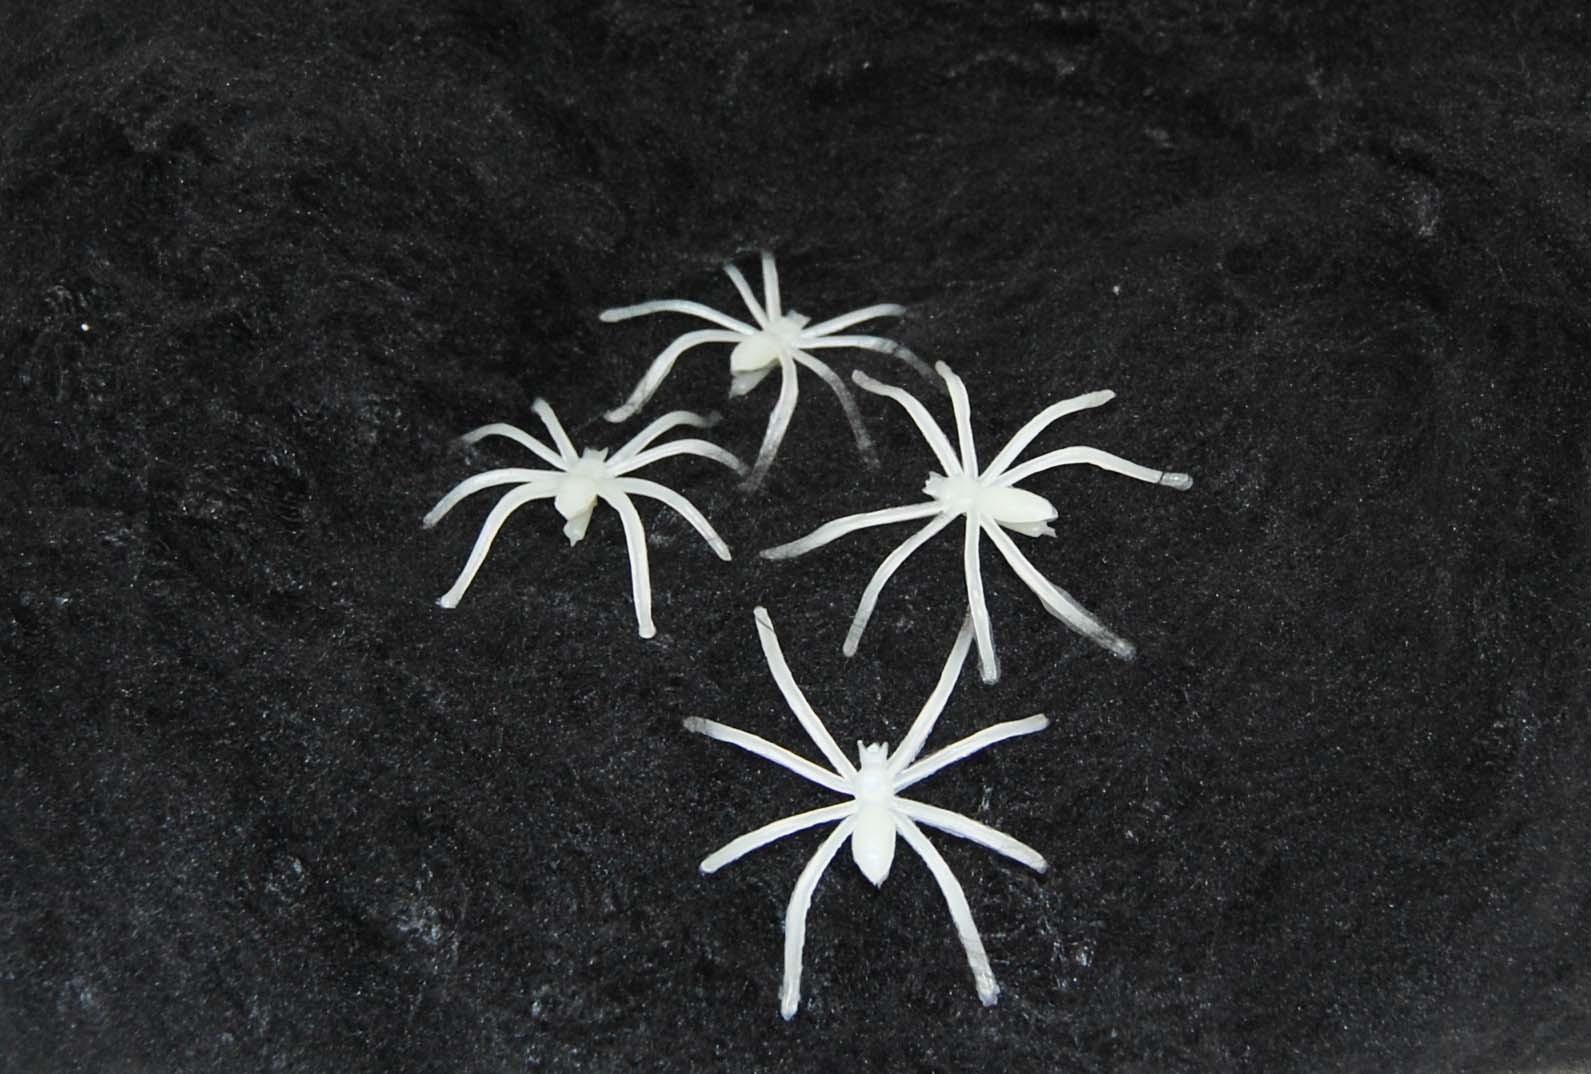 Svart spindelnät med spindlar • Pryloteket